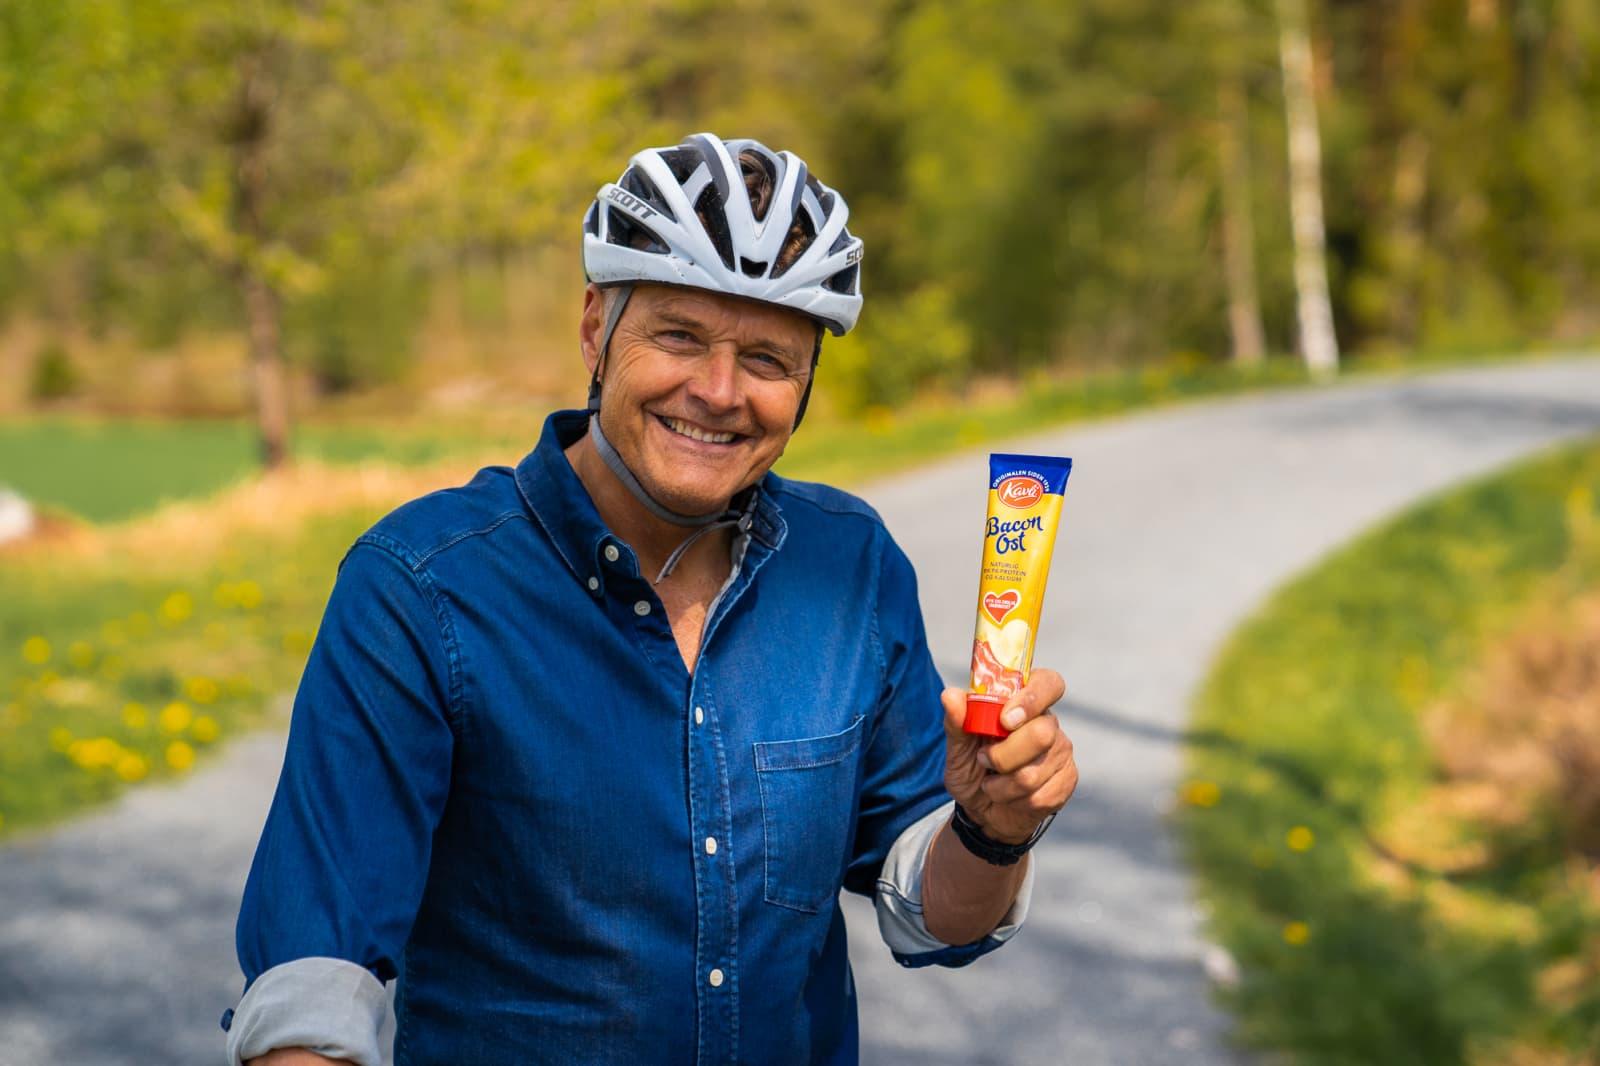 Dag Otto Lauritzen trenger din hjelp til å lage mange nye sykler av gjenvunnet aluminiumsemballasje. Her med Kavli BaconOst-tuben i en hånd og sykkelen i den andre.